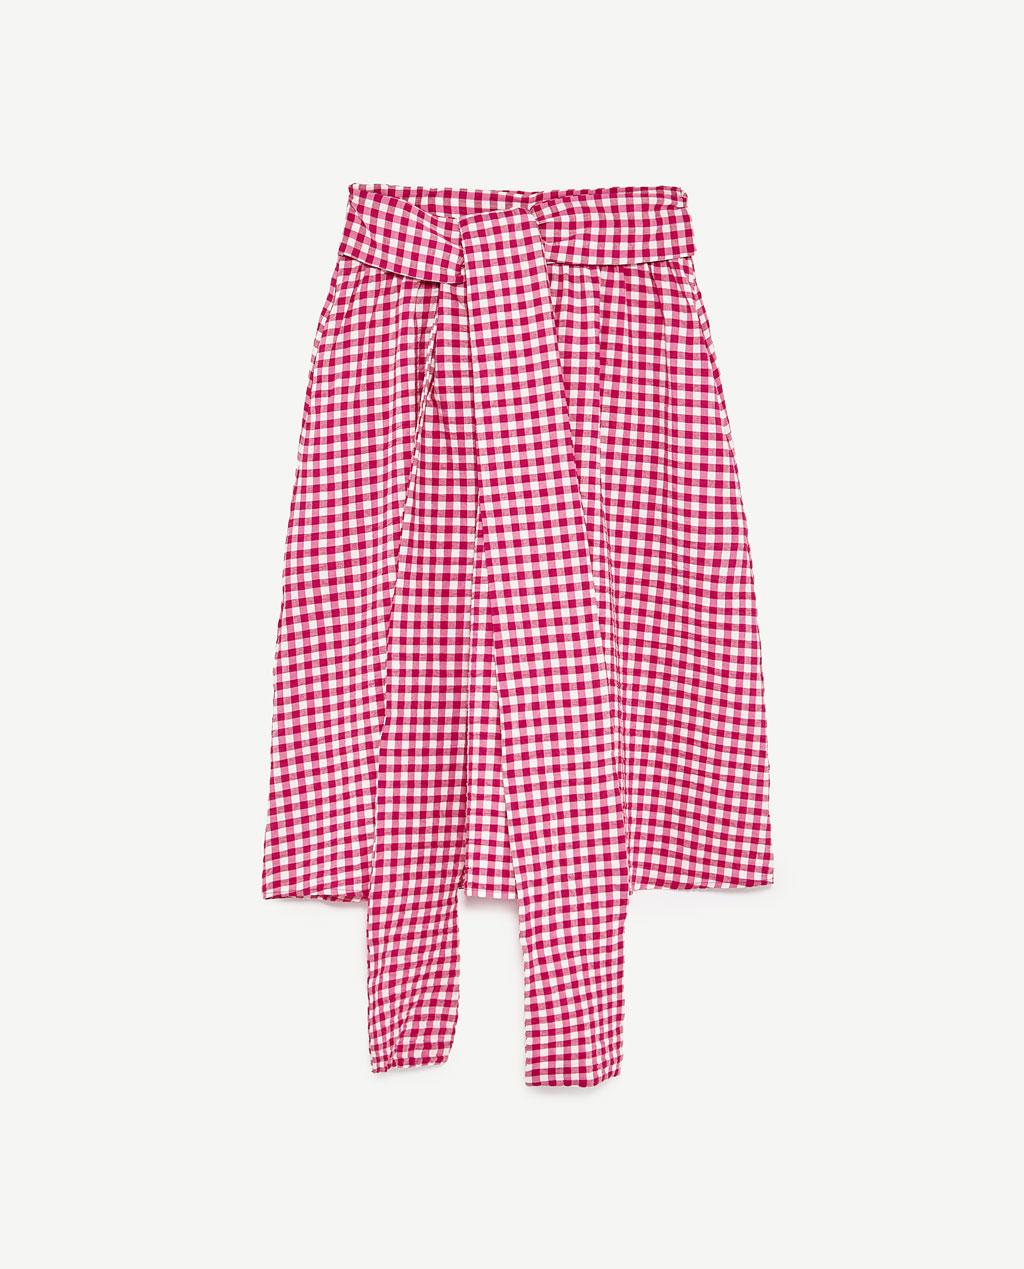 Zara €17,99